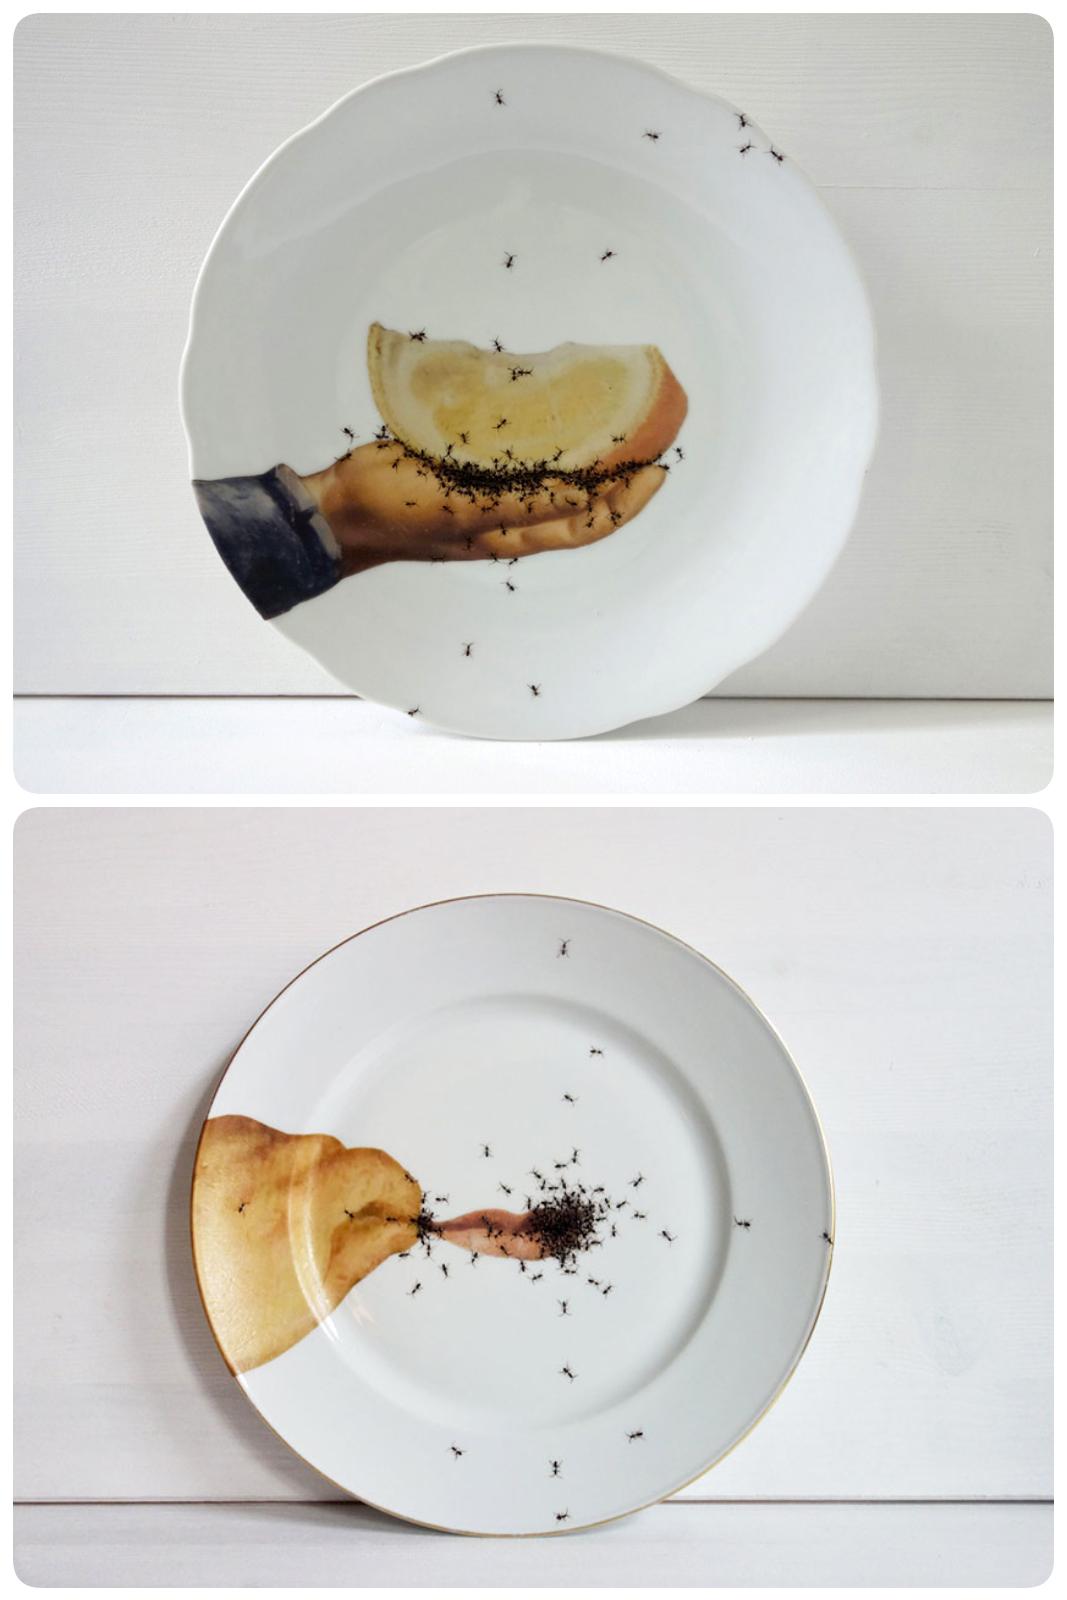 Bộ chén đĩa đầy kiến khiến người xem ngứa ngáy